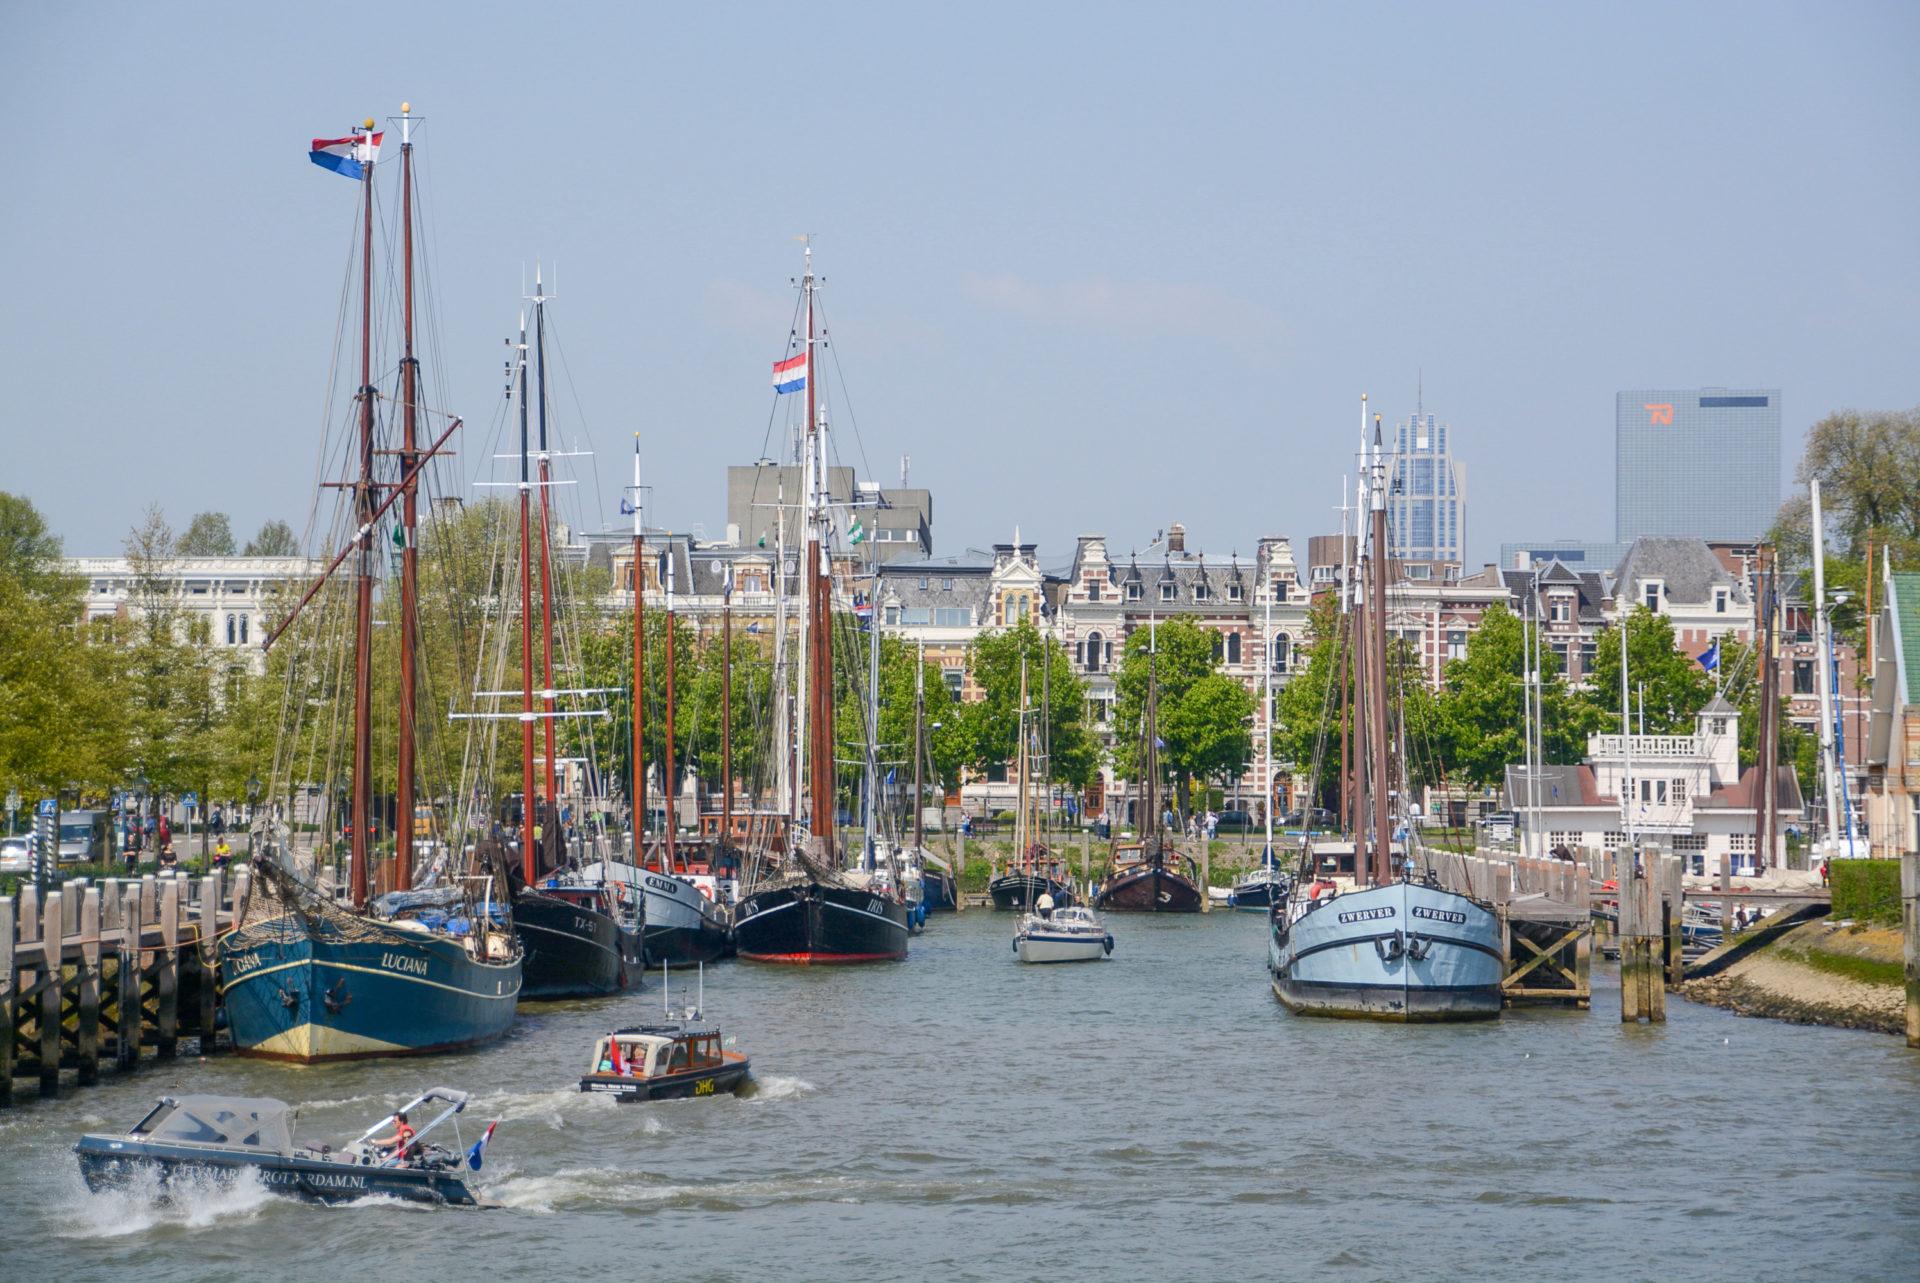 Schiffe in einem Hafenbecken von Rotterdam